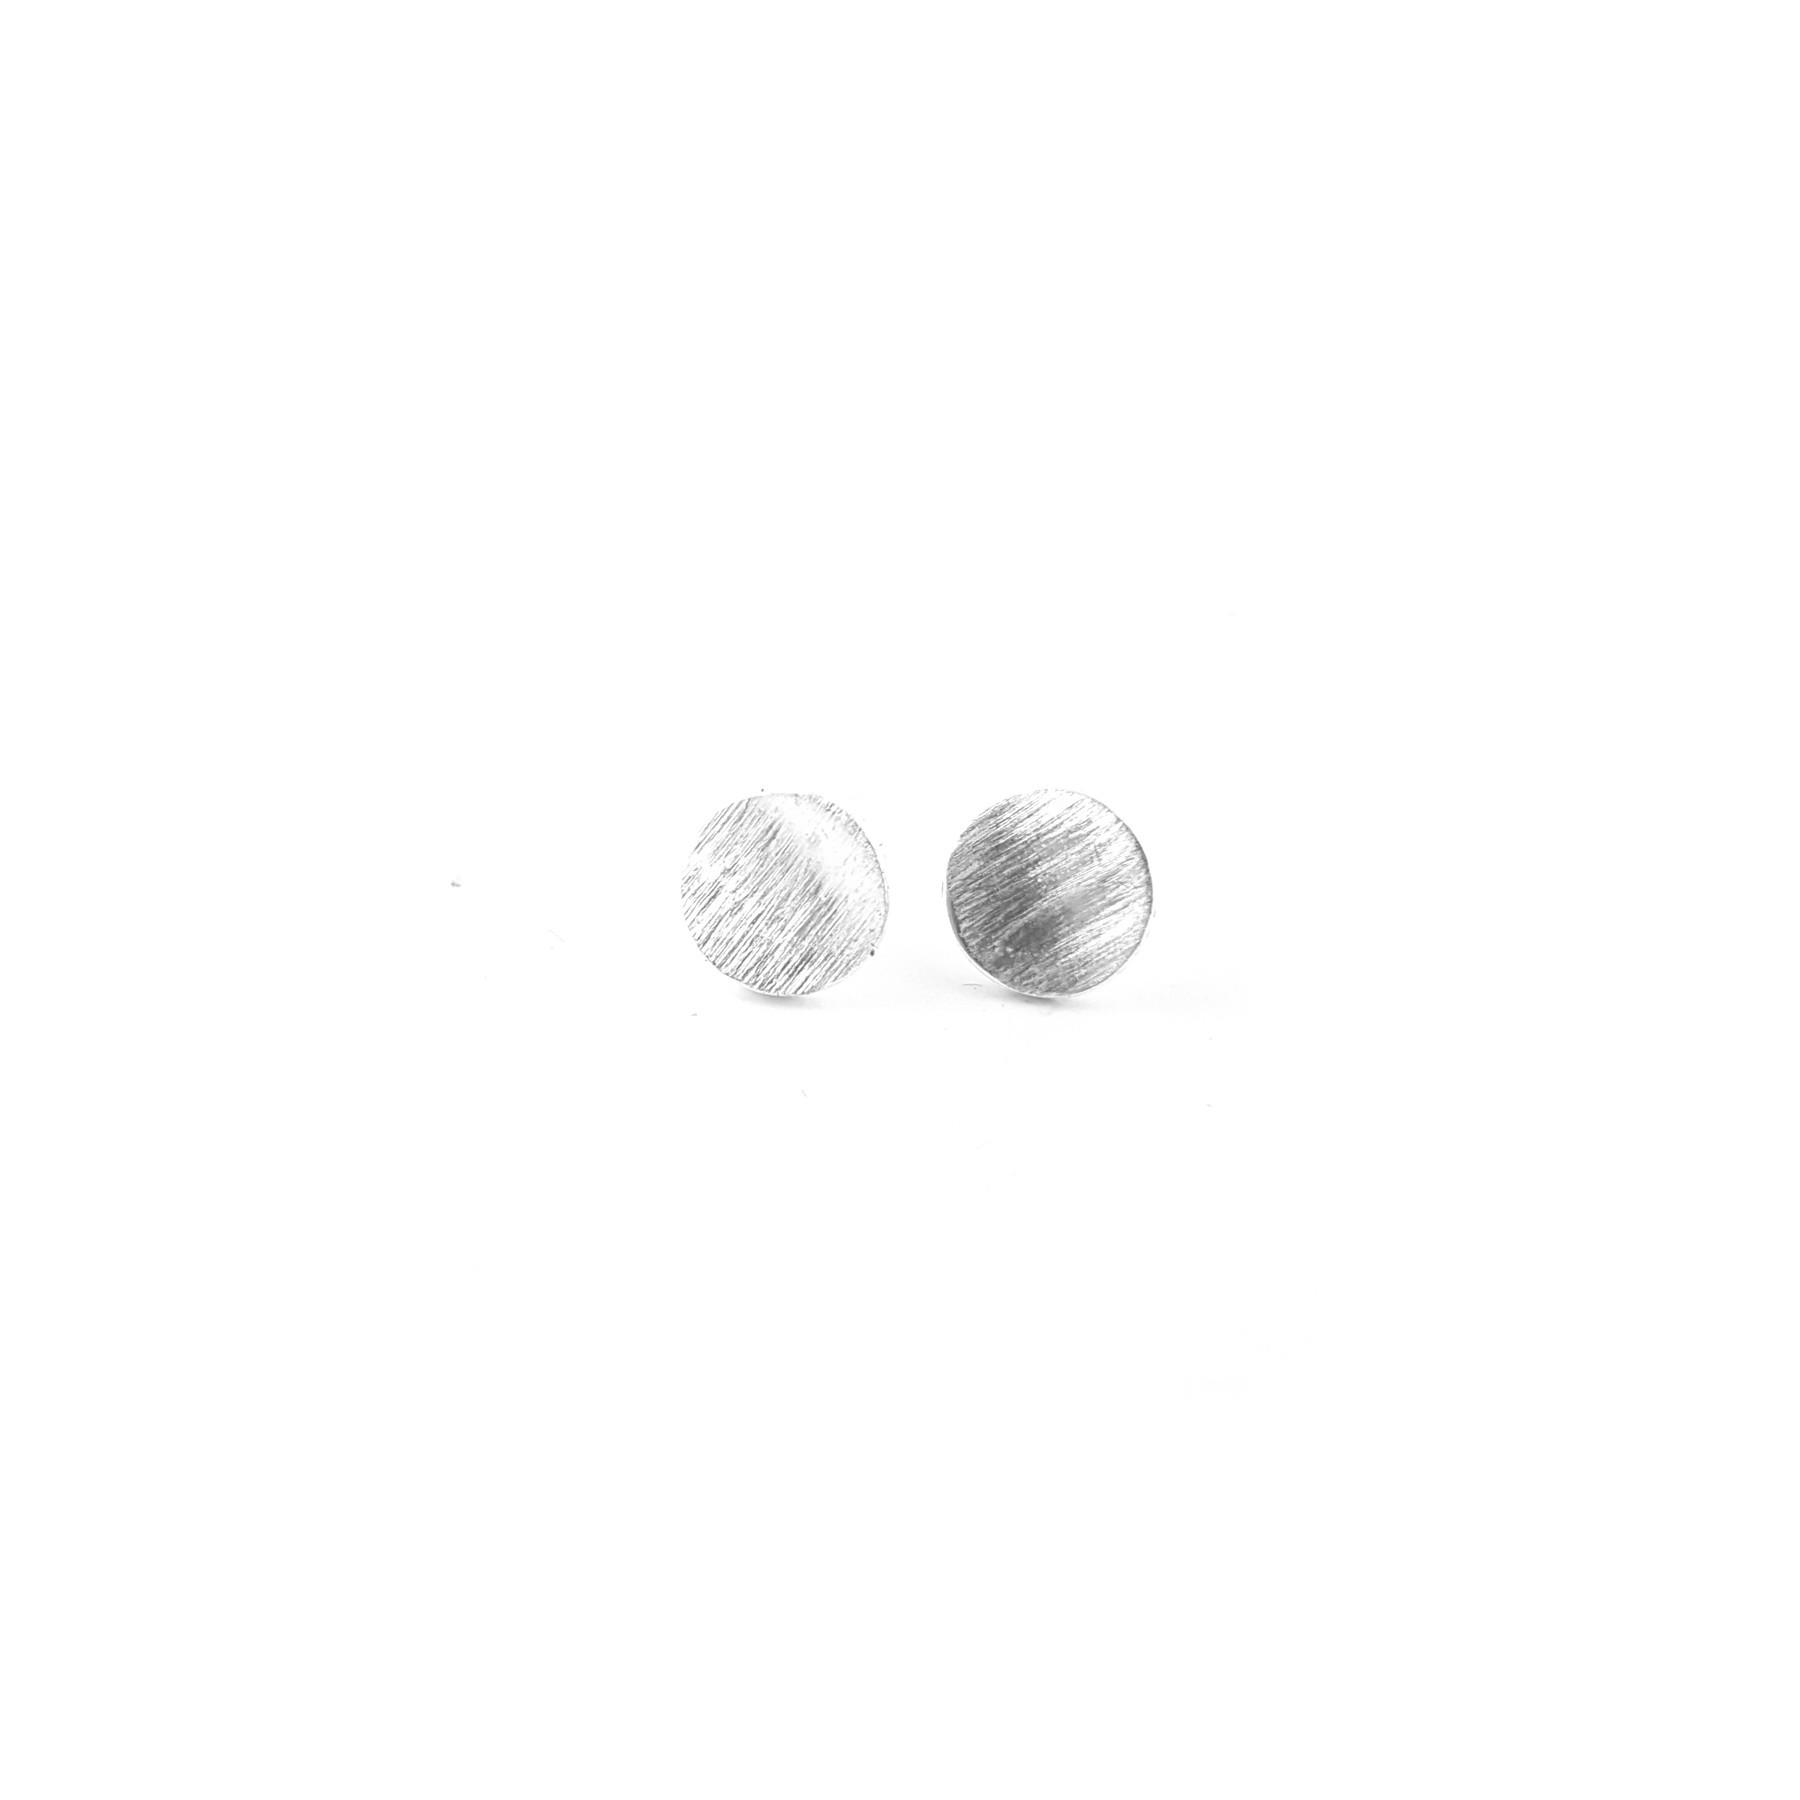 BO puces paraboles 7mm étain brossé